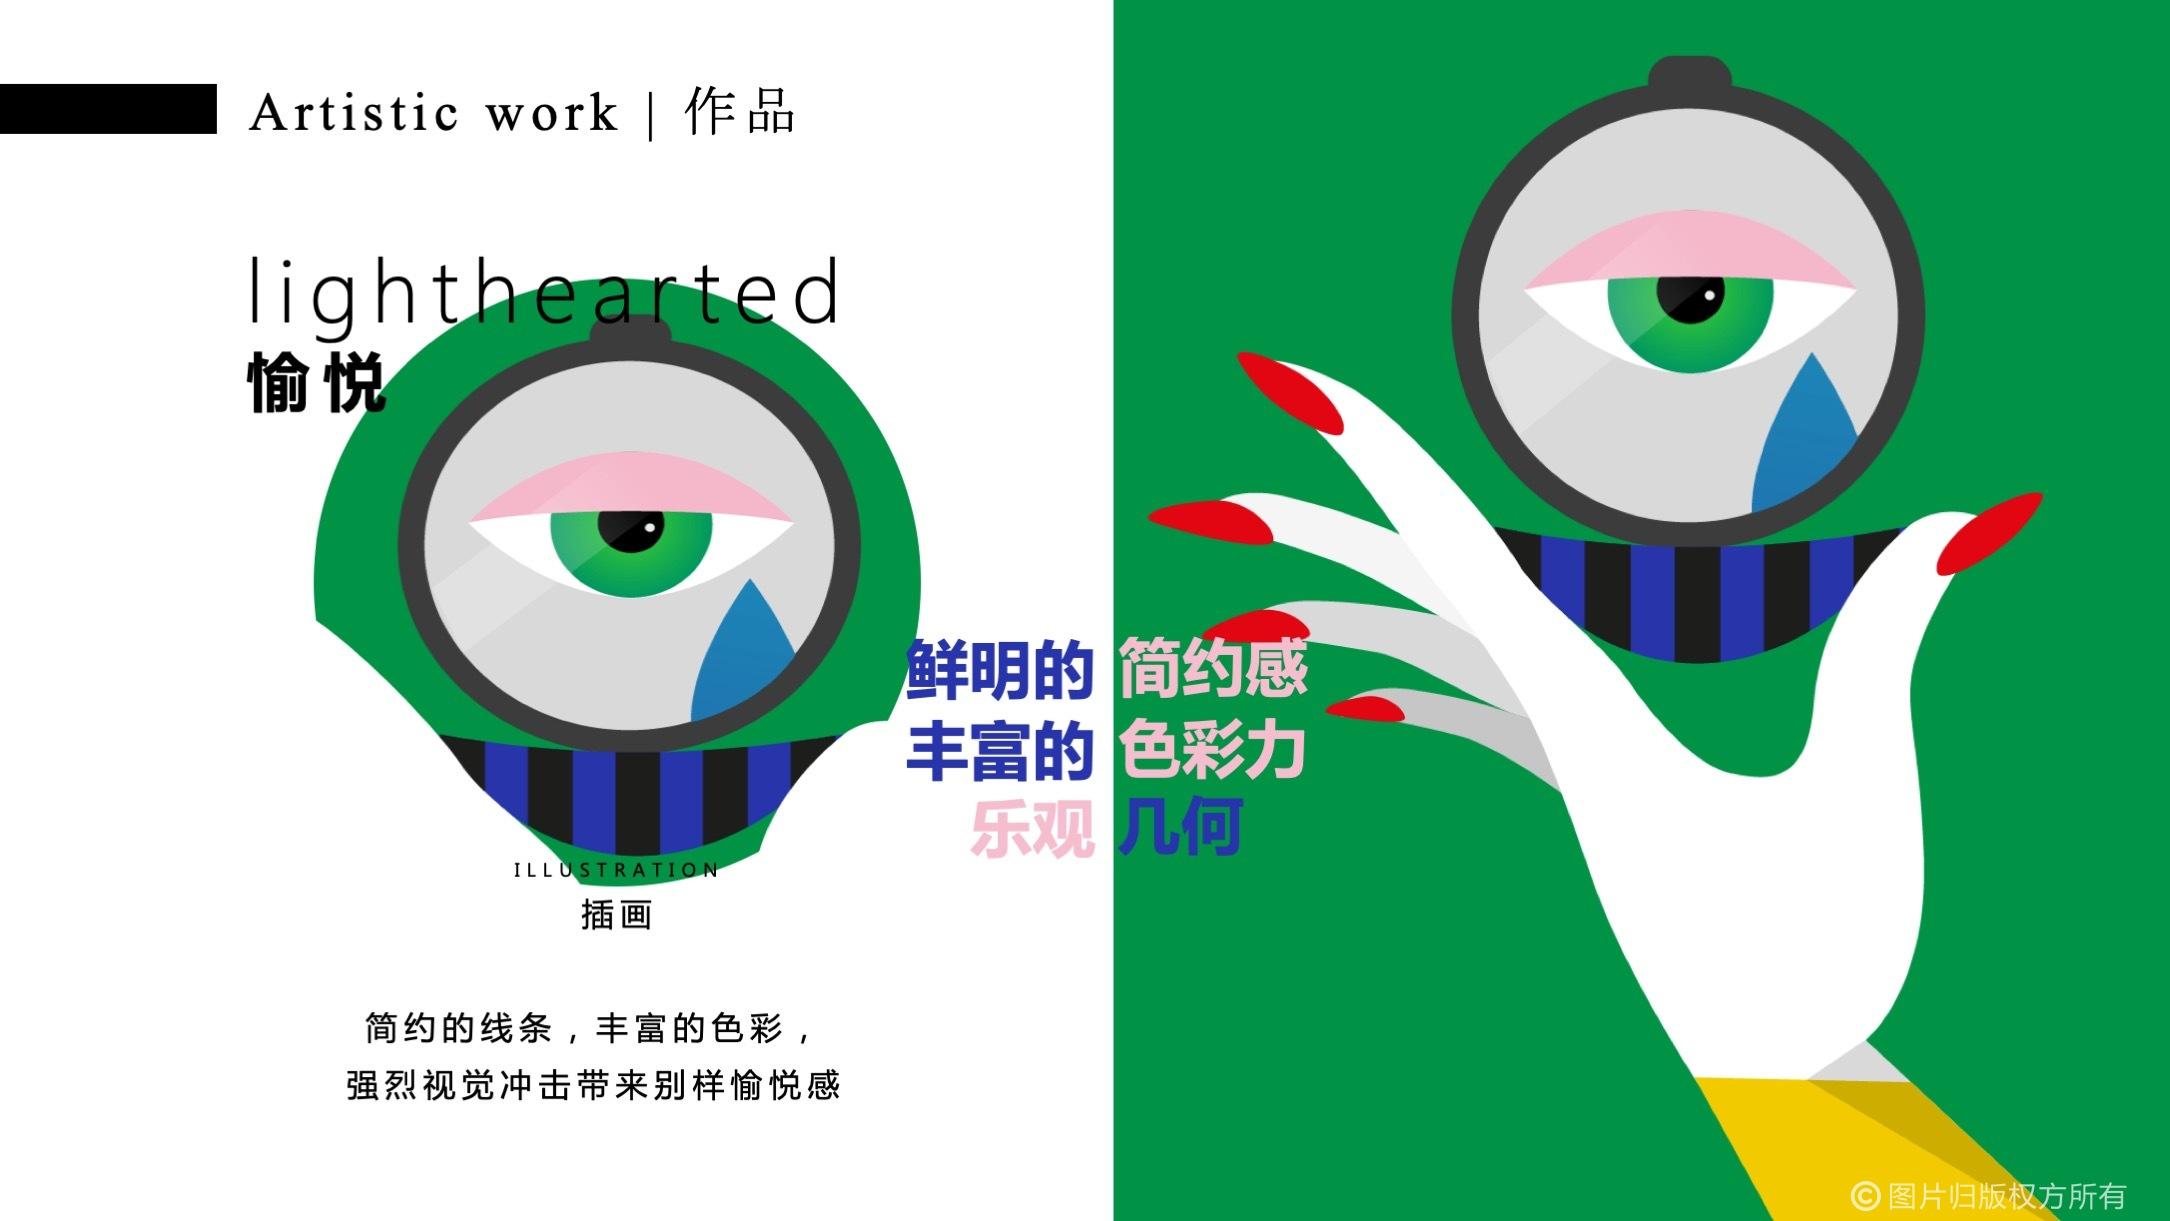 【颜值实验室】荷兰插画艺术家主题IP沉浸式体验展-感映艺术